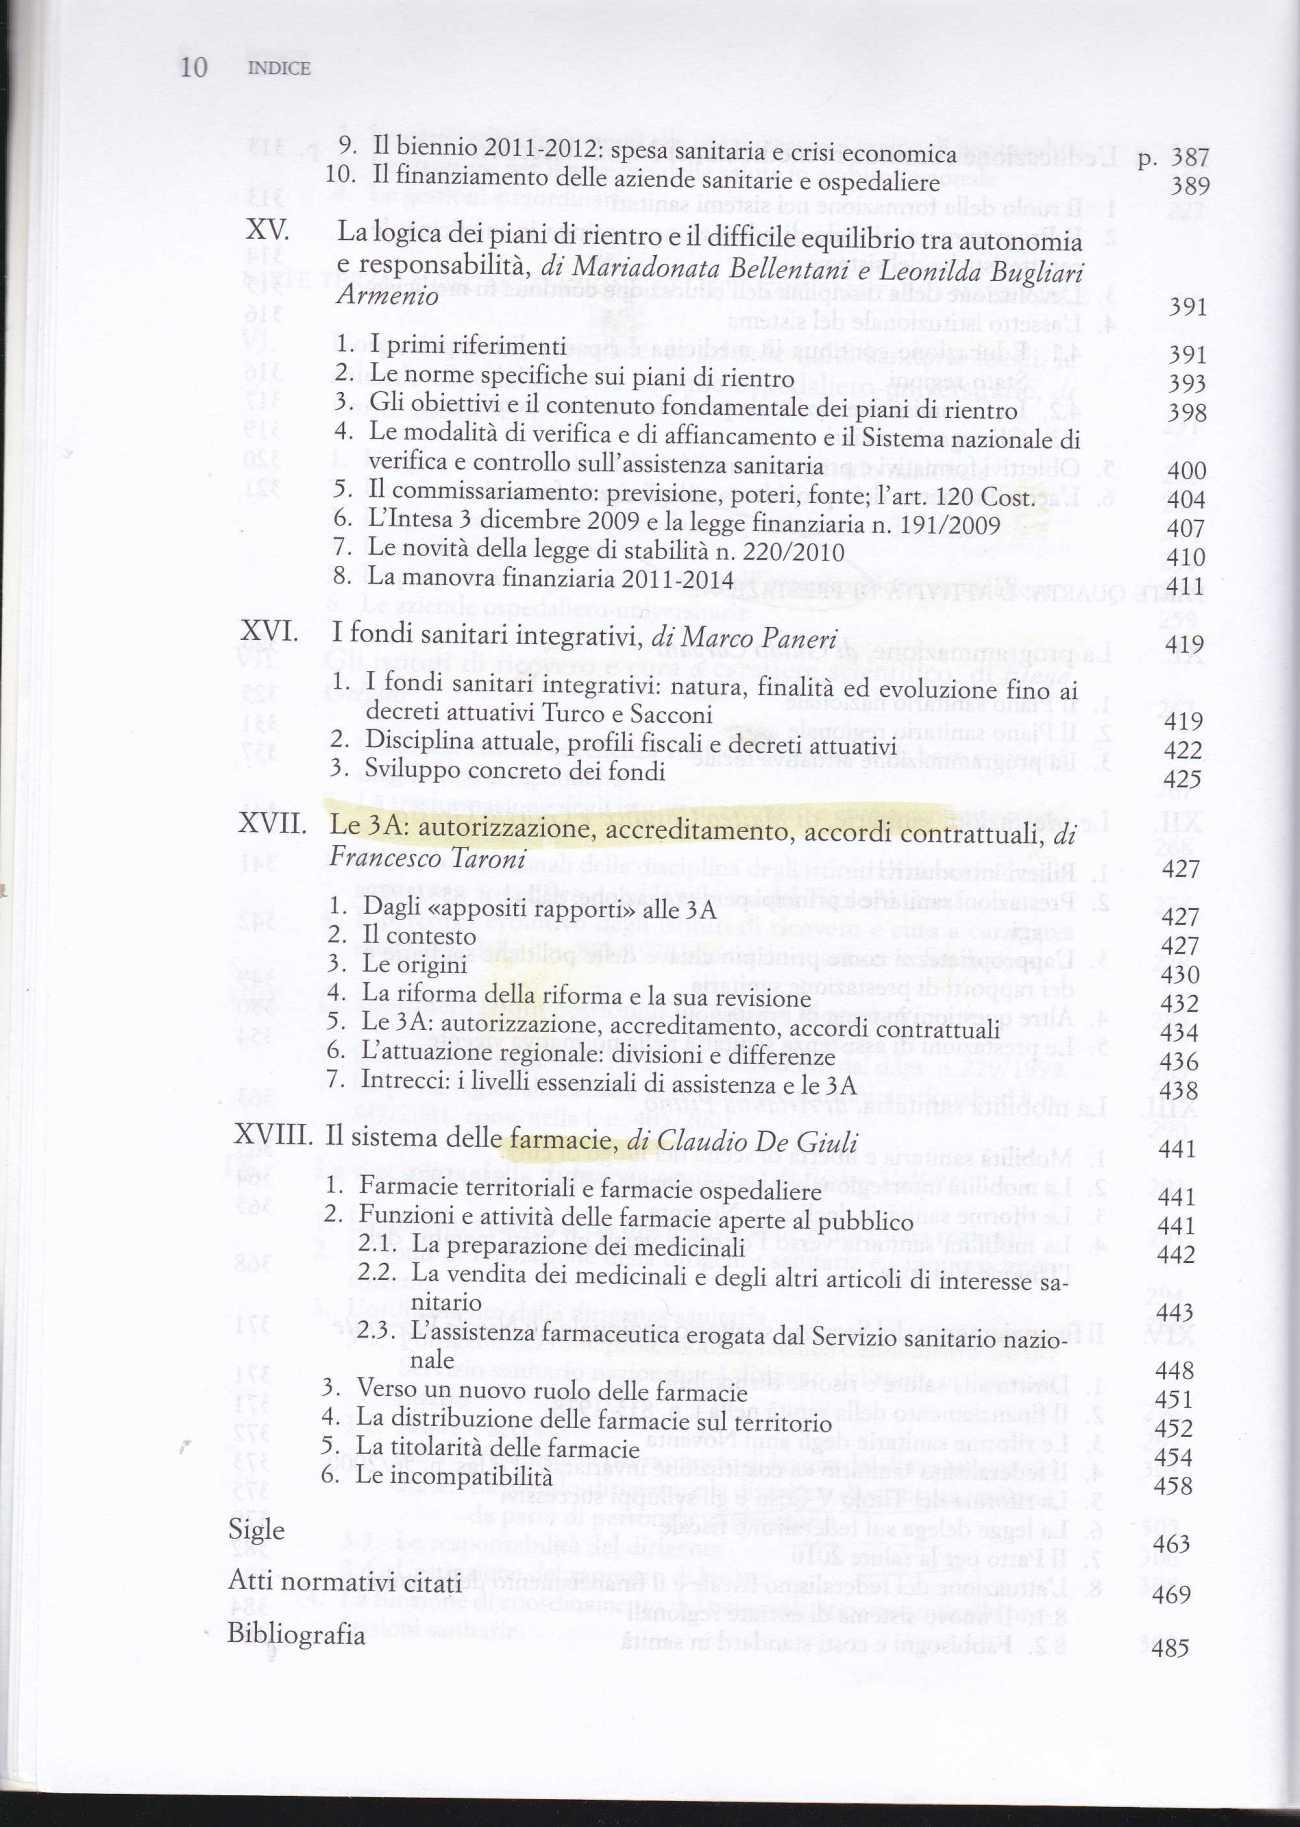 manuale1488